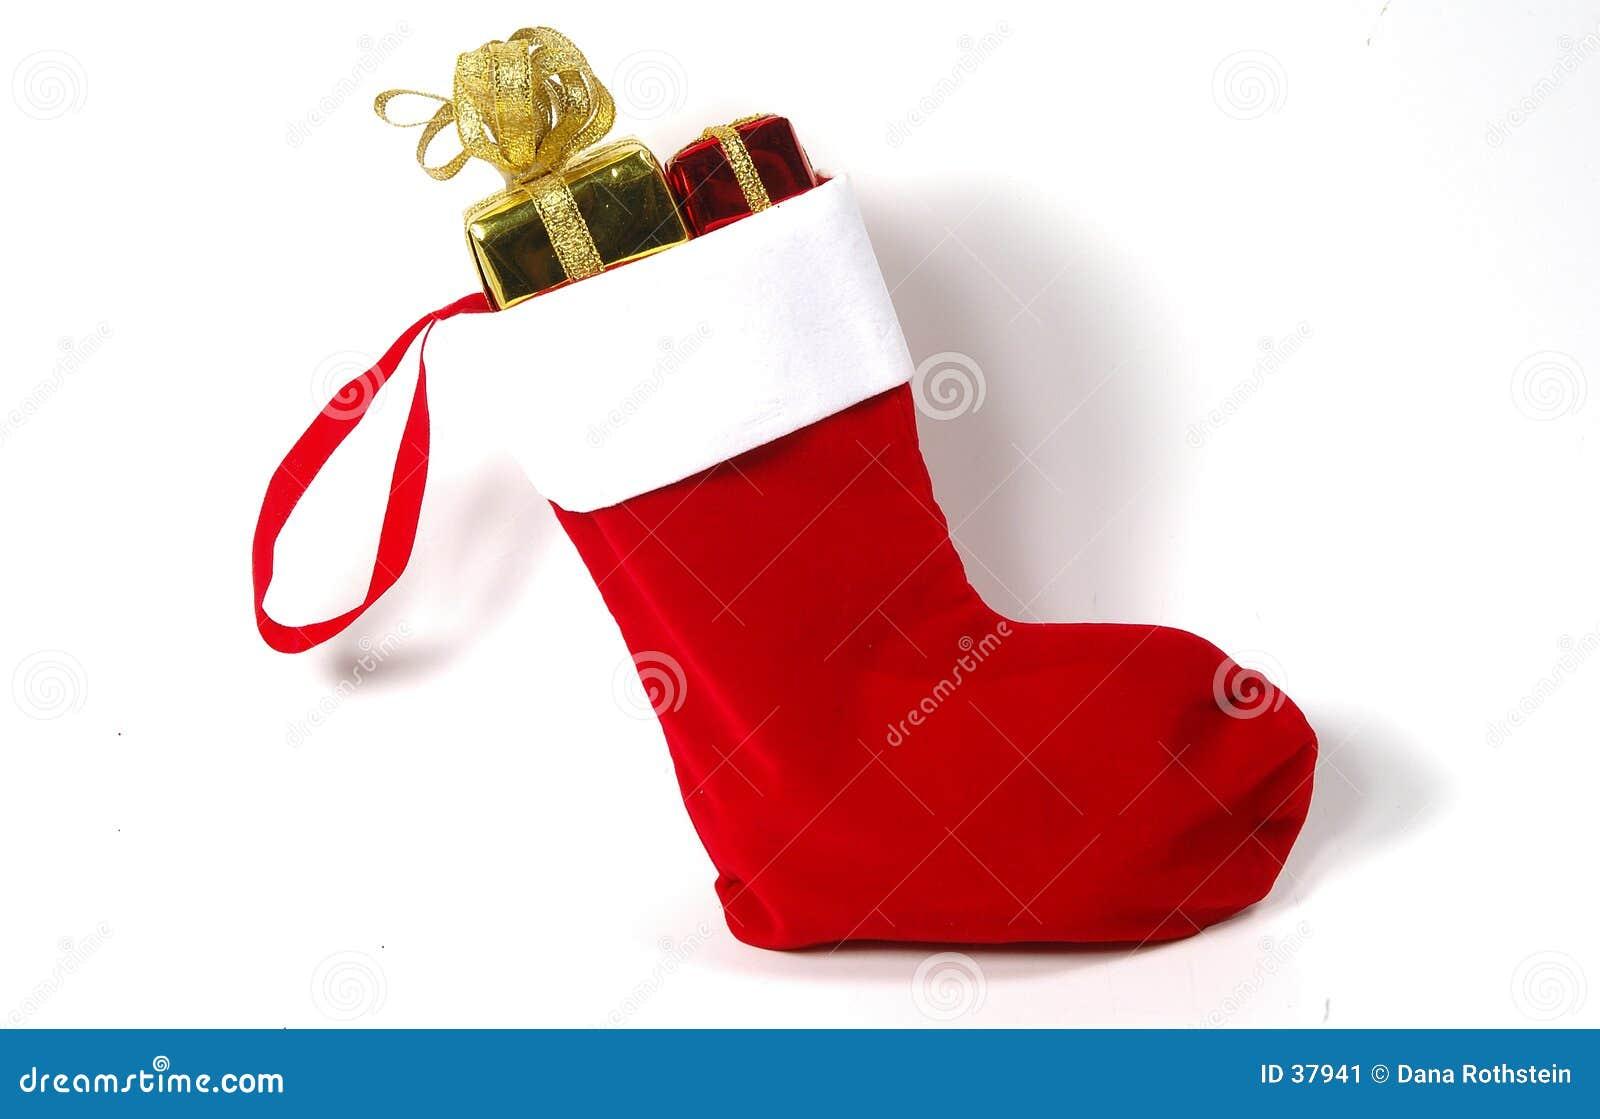 Download De Kous van Kerstmis stock afbeelding. Afbeelding bestaande uit materiaal - 37941